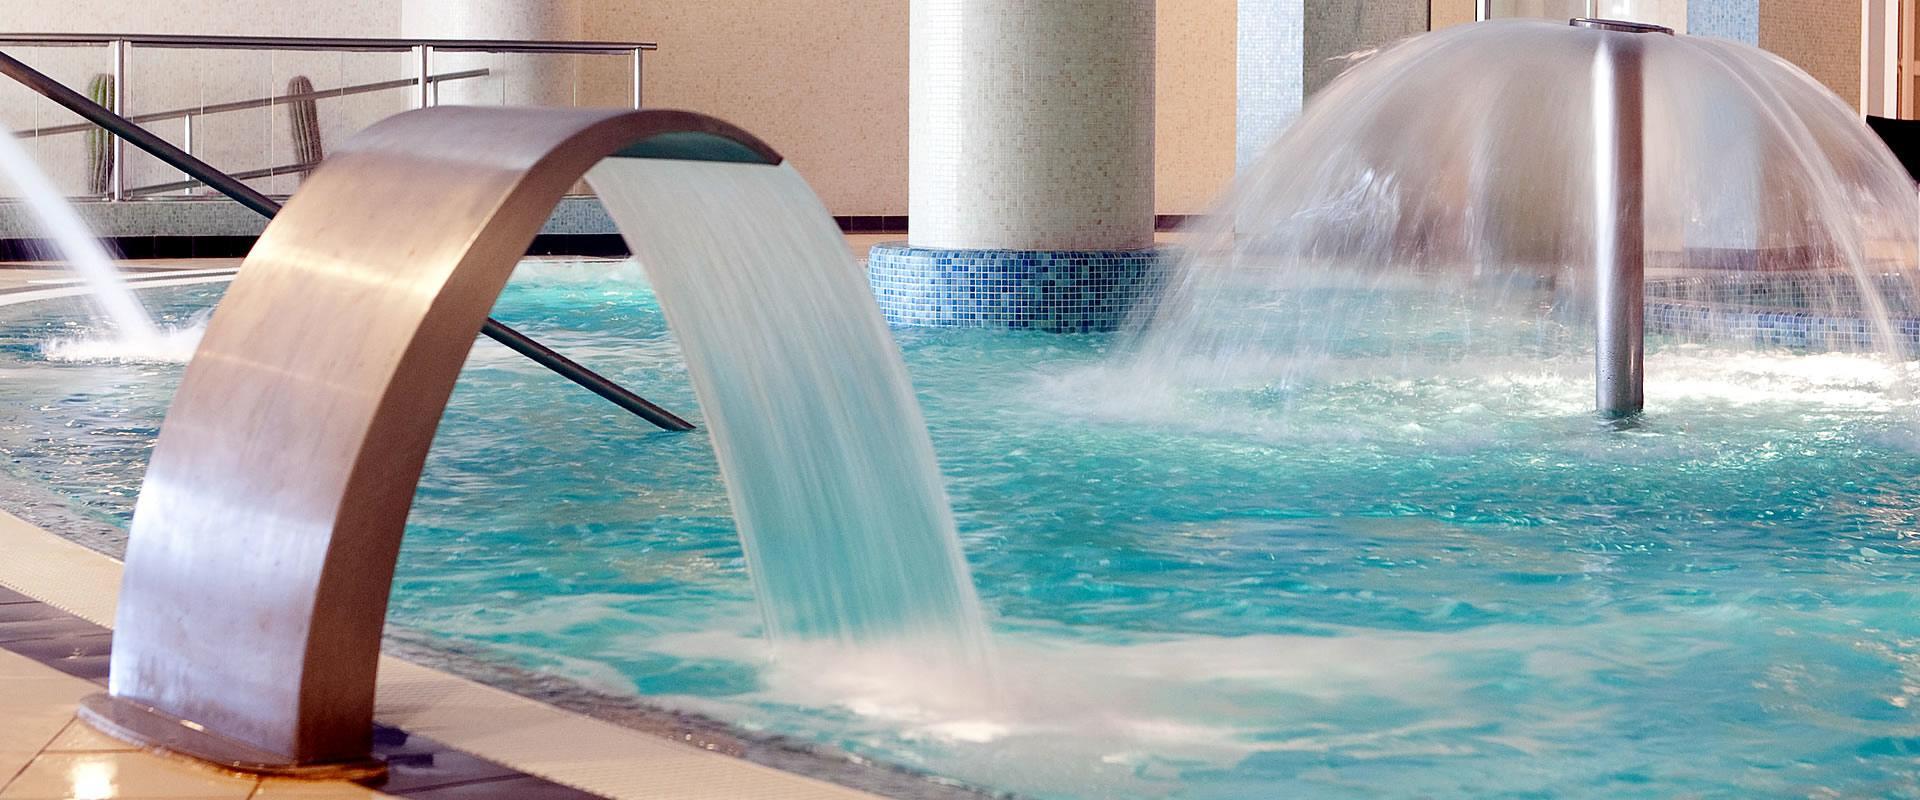 accesorios piscinas chile